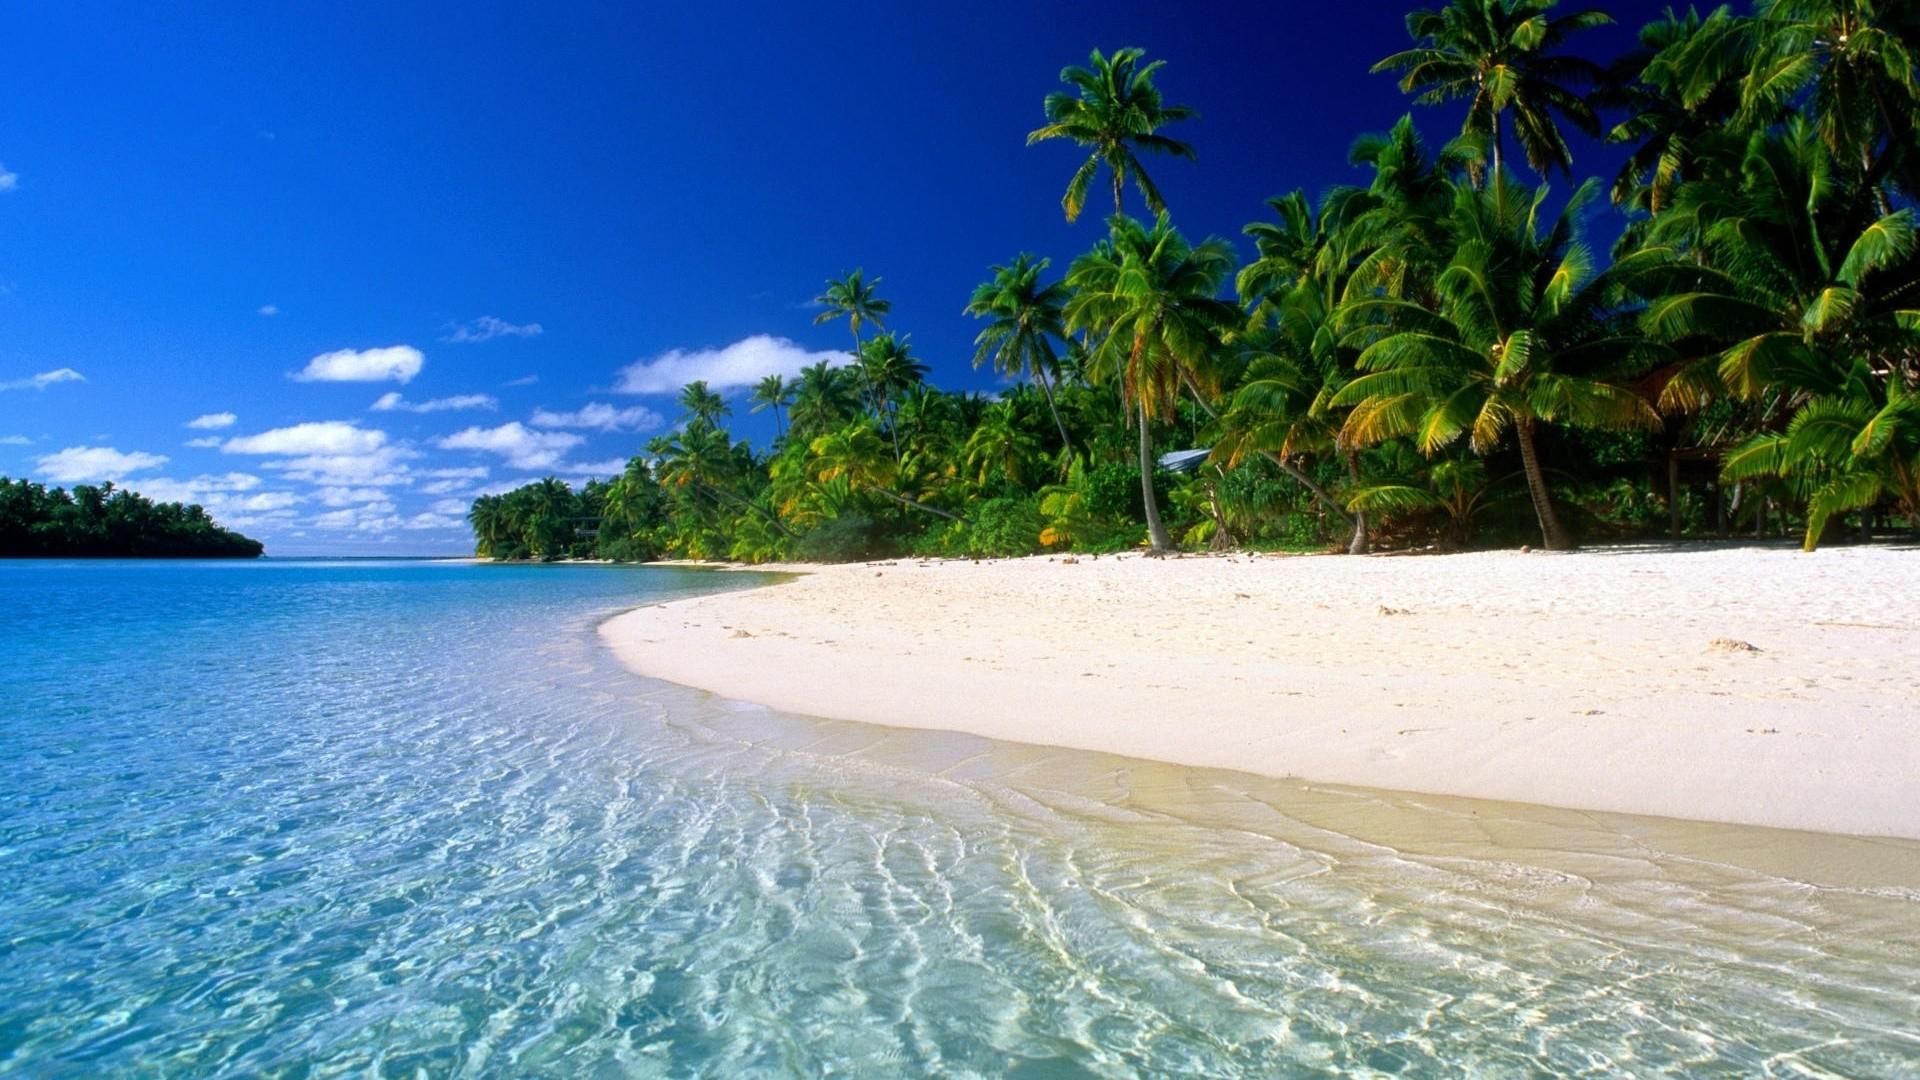 Sfondi spiagge 63 immagini for Desktop gratis mare